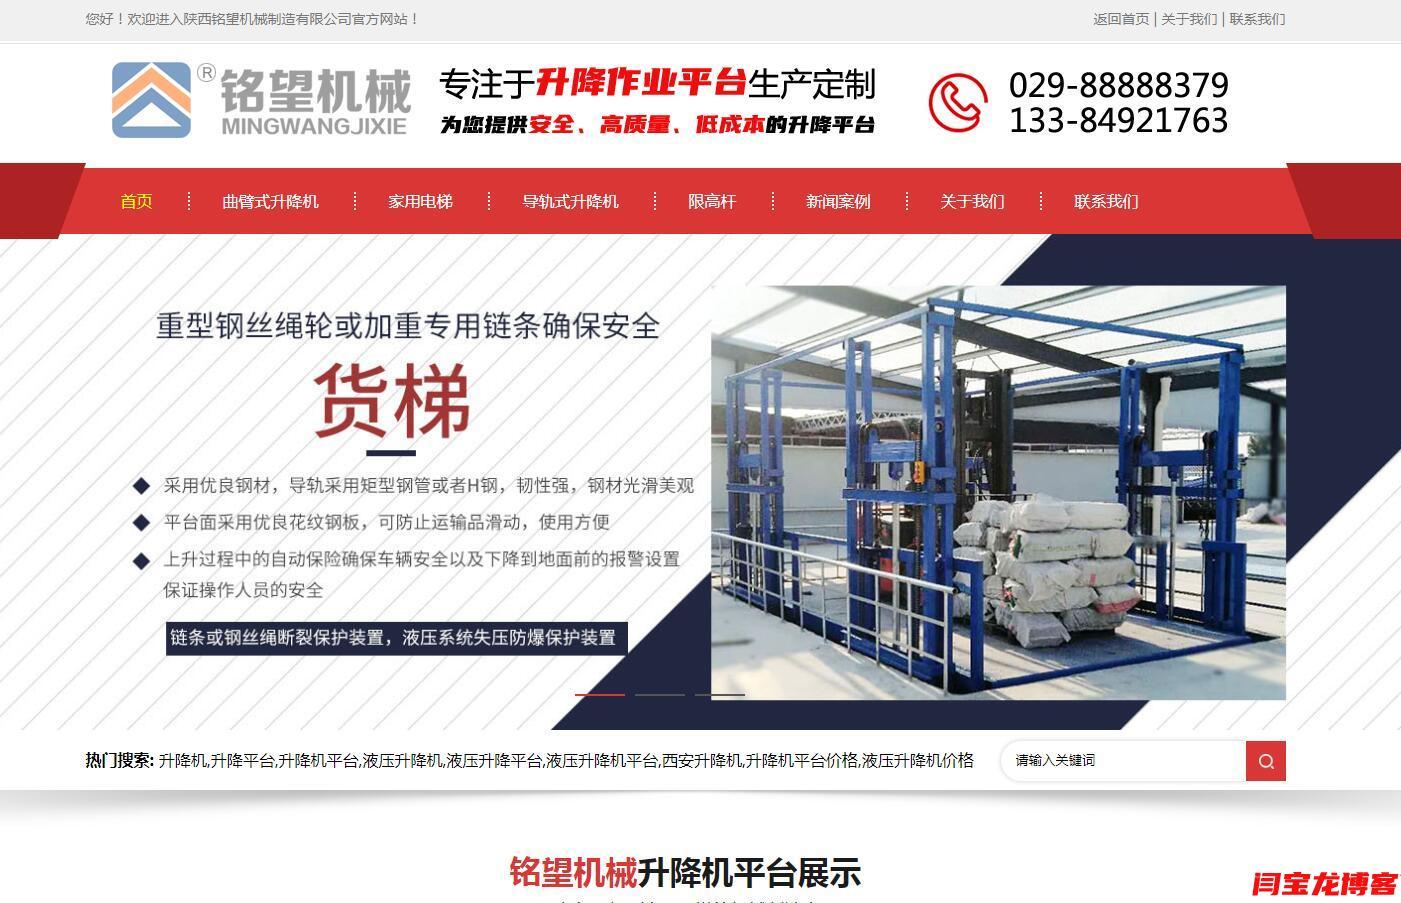 陕西铭望机械制造有限公司升降机平台产品营销网站上线